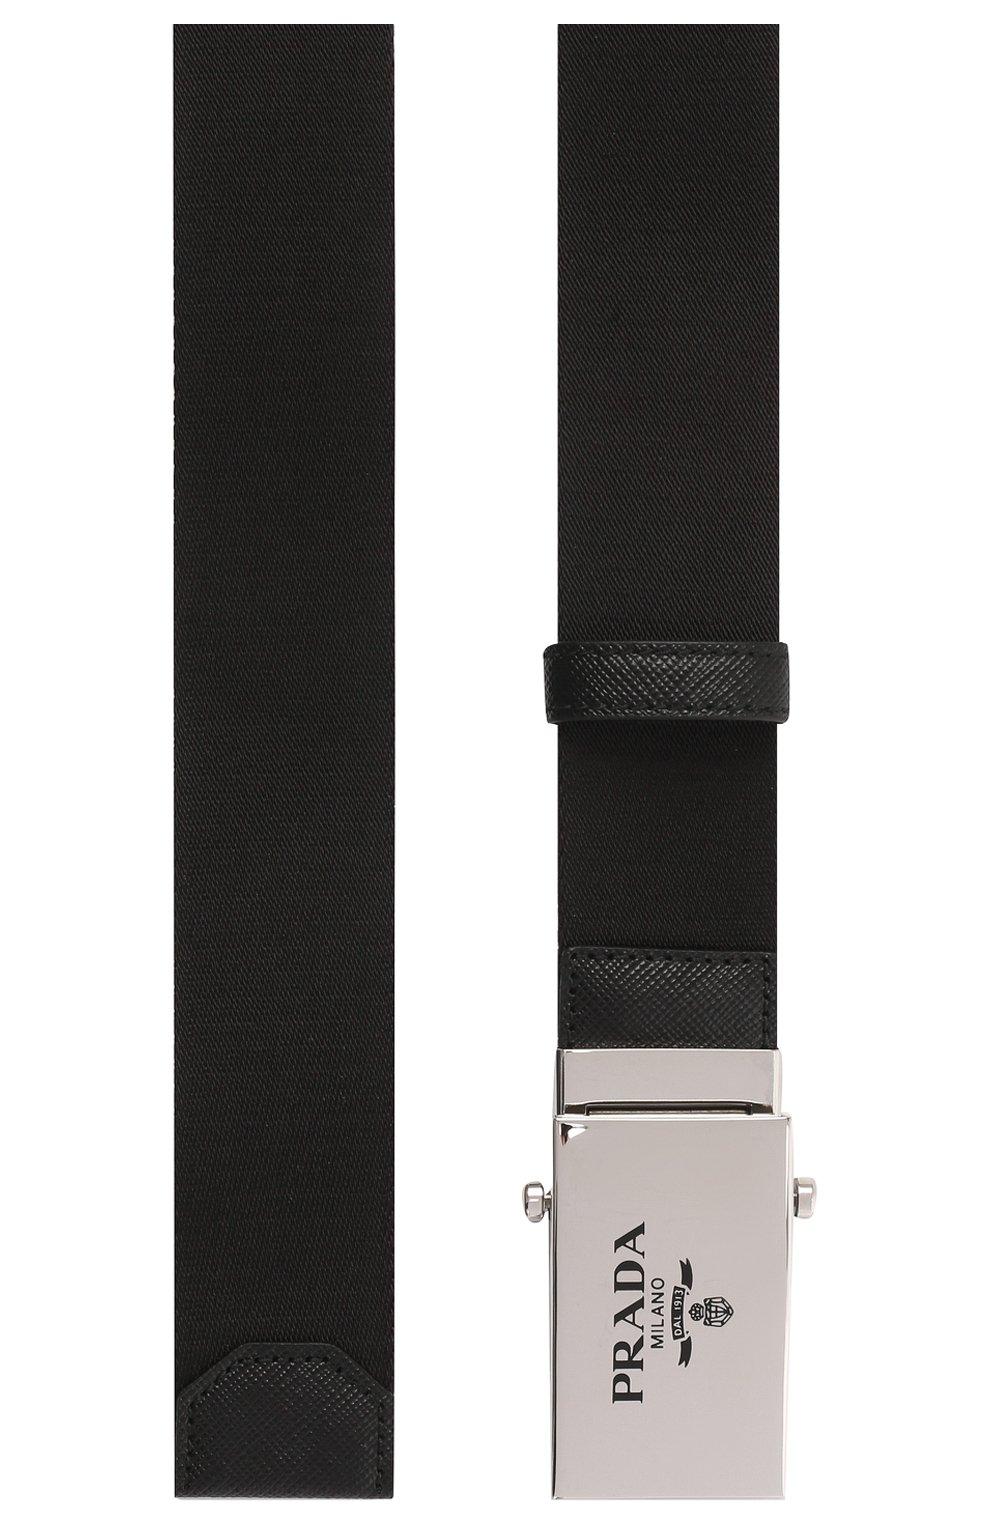 Мужской текстильный ремень PRADA черного цвета, арт. 2CN023-2DMN-F0002 | Фото 2 (Материал: Текстиль, Синтетический материал; Случай: Повседневный)